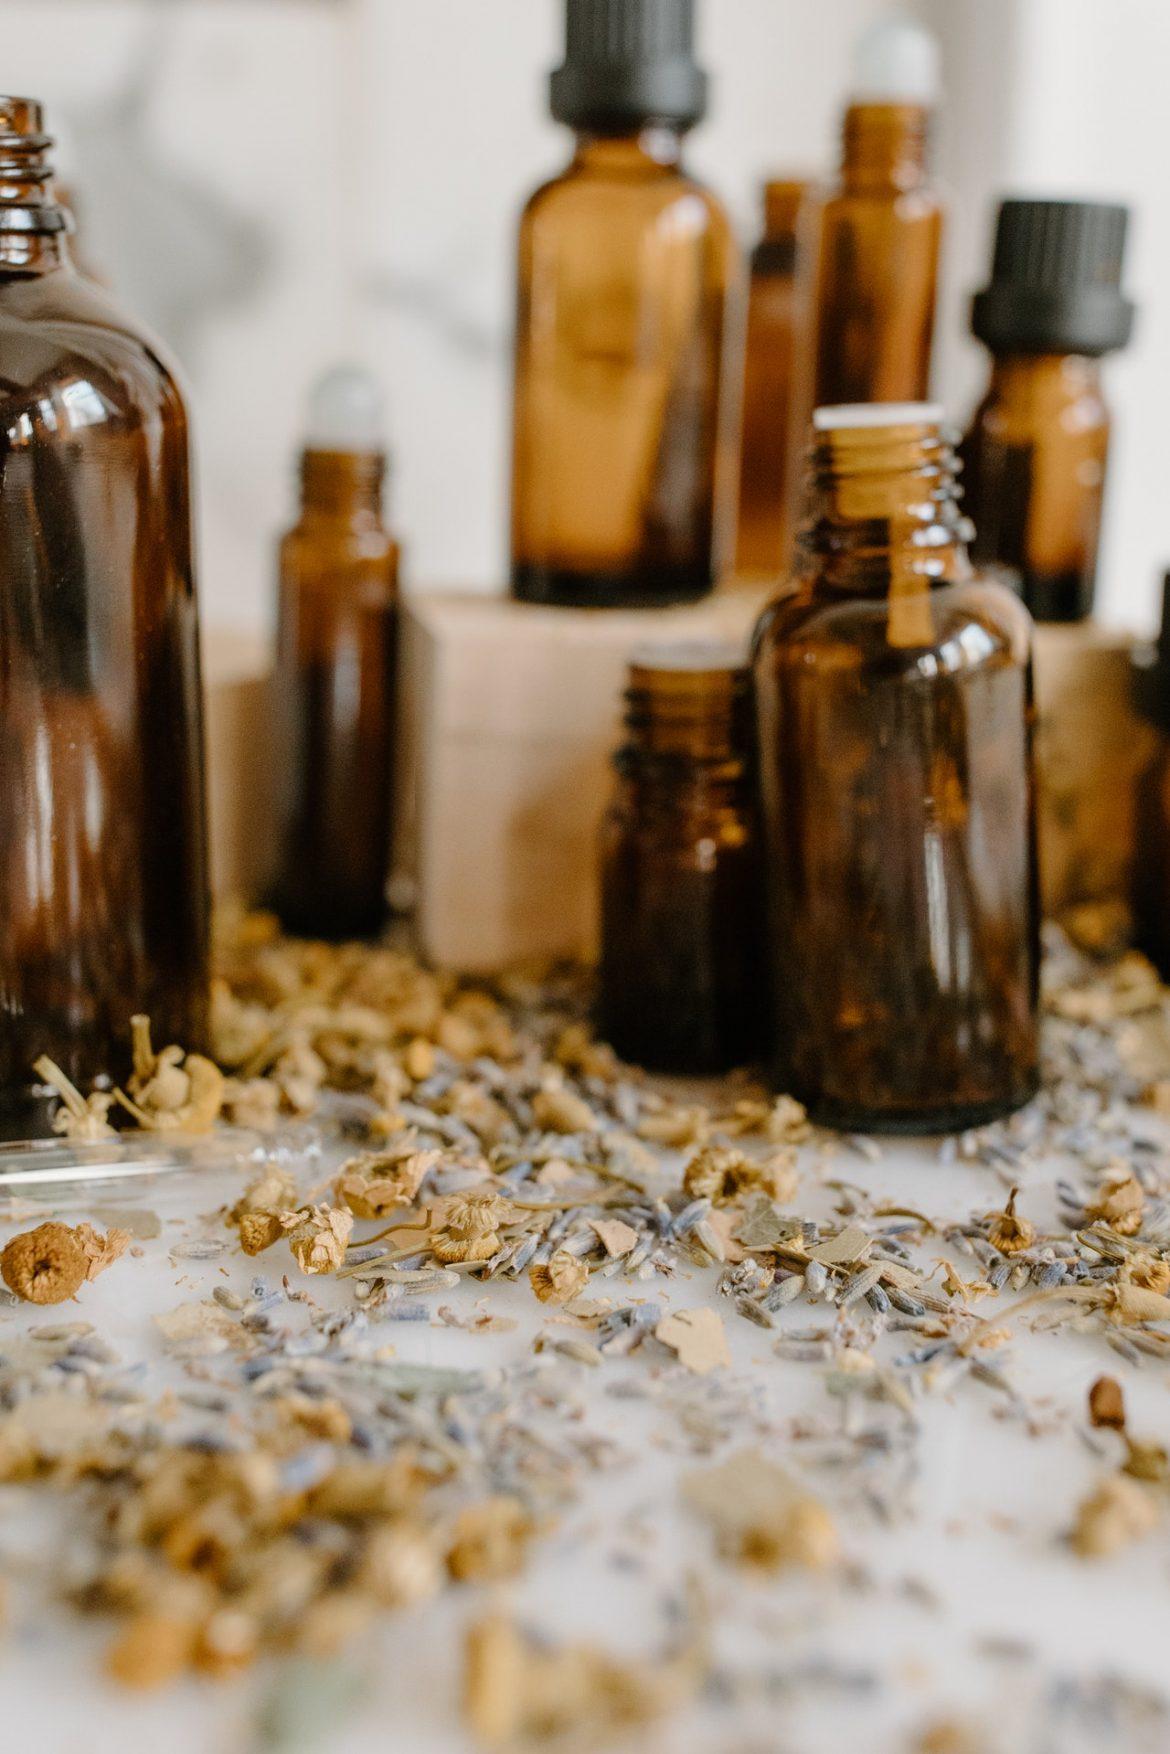 Les 6 meilleures huiles essentielles pour aider à raffermir la peau relâchée